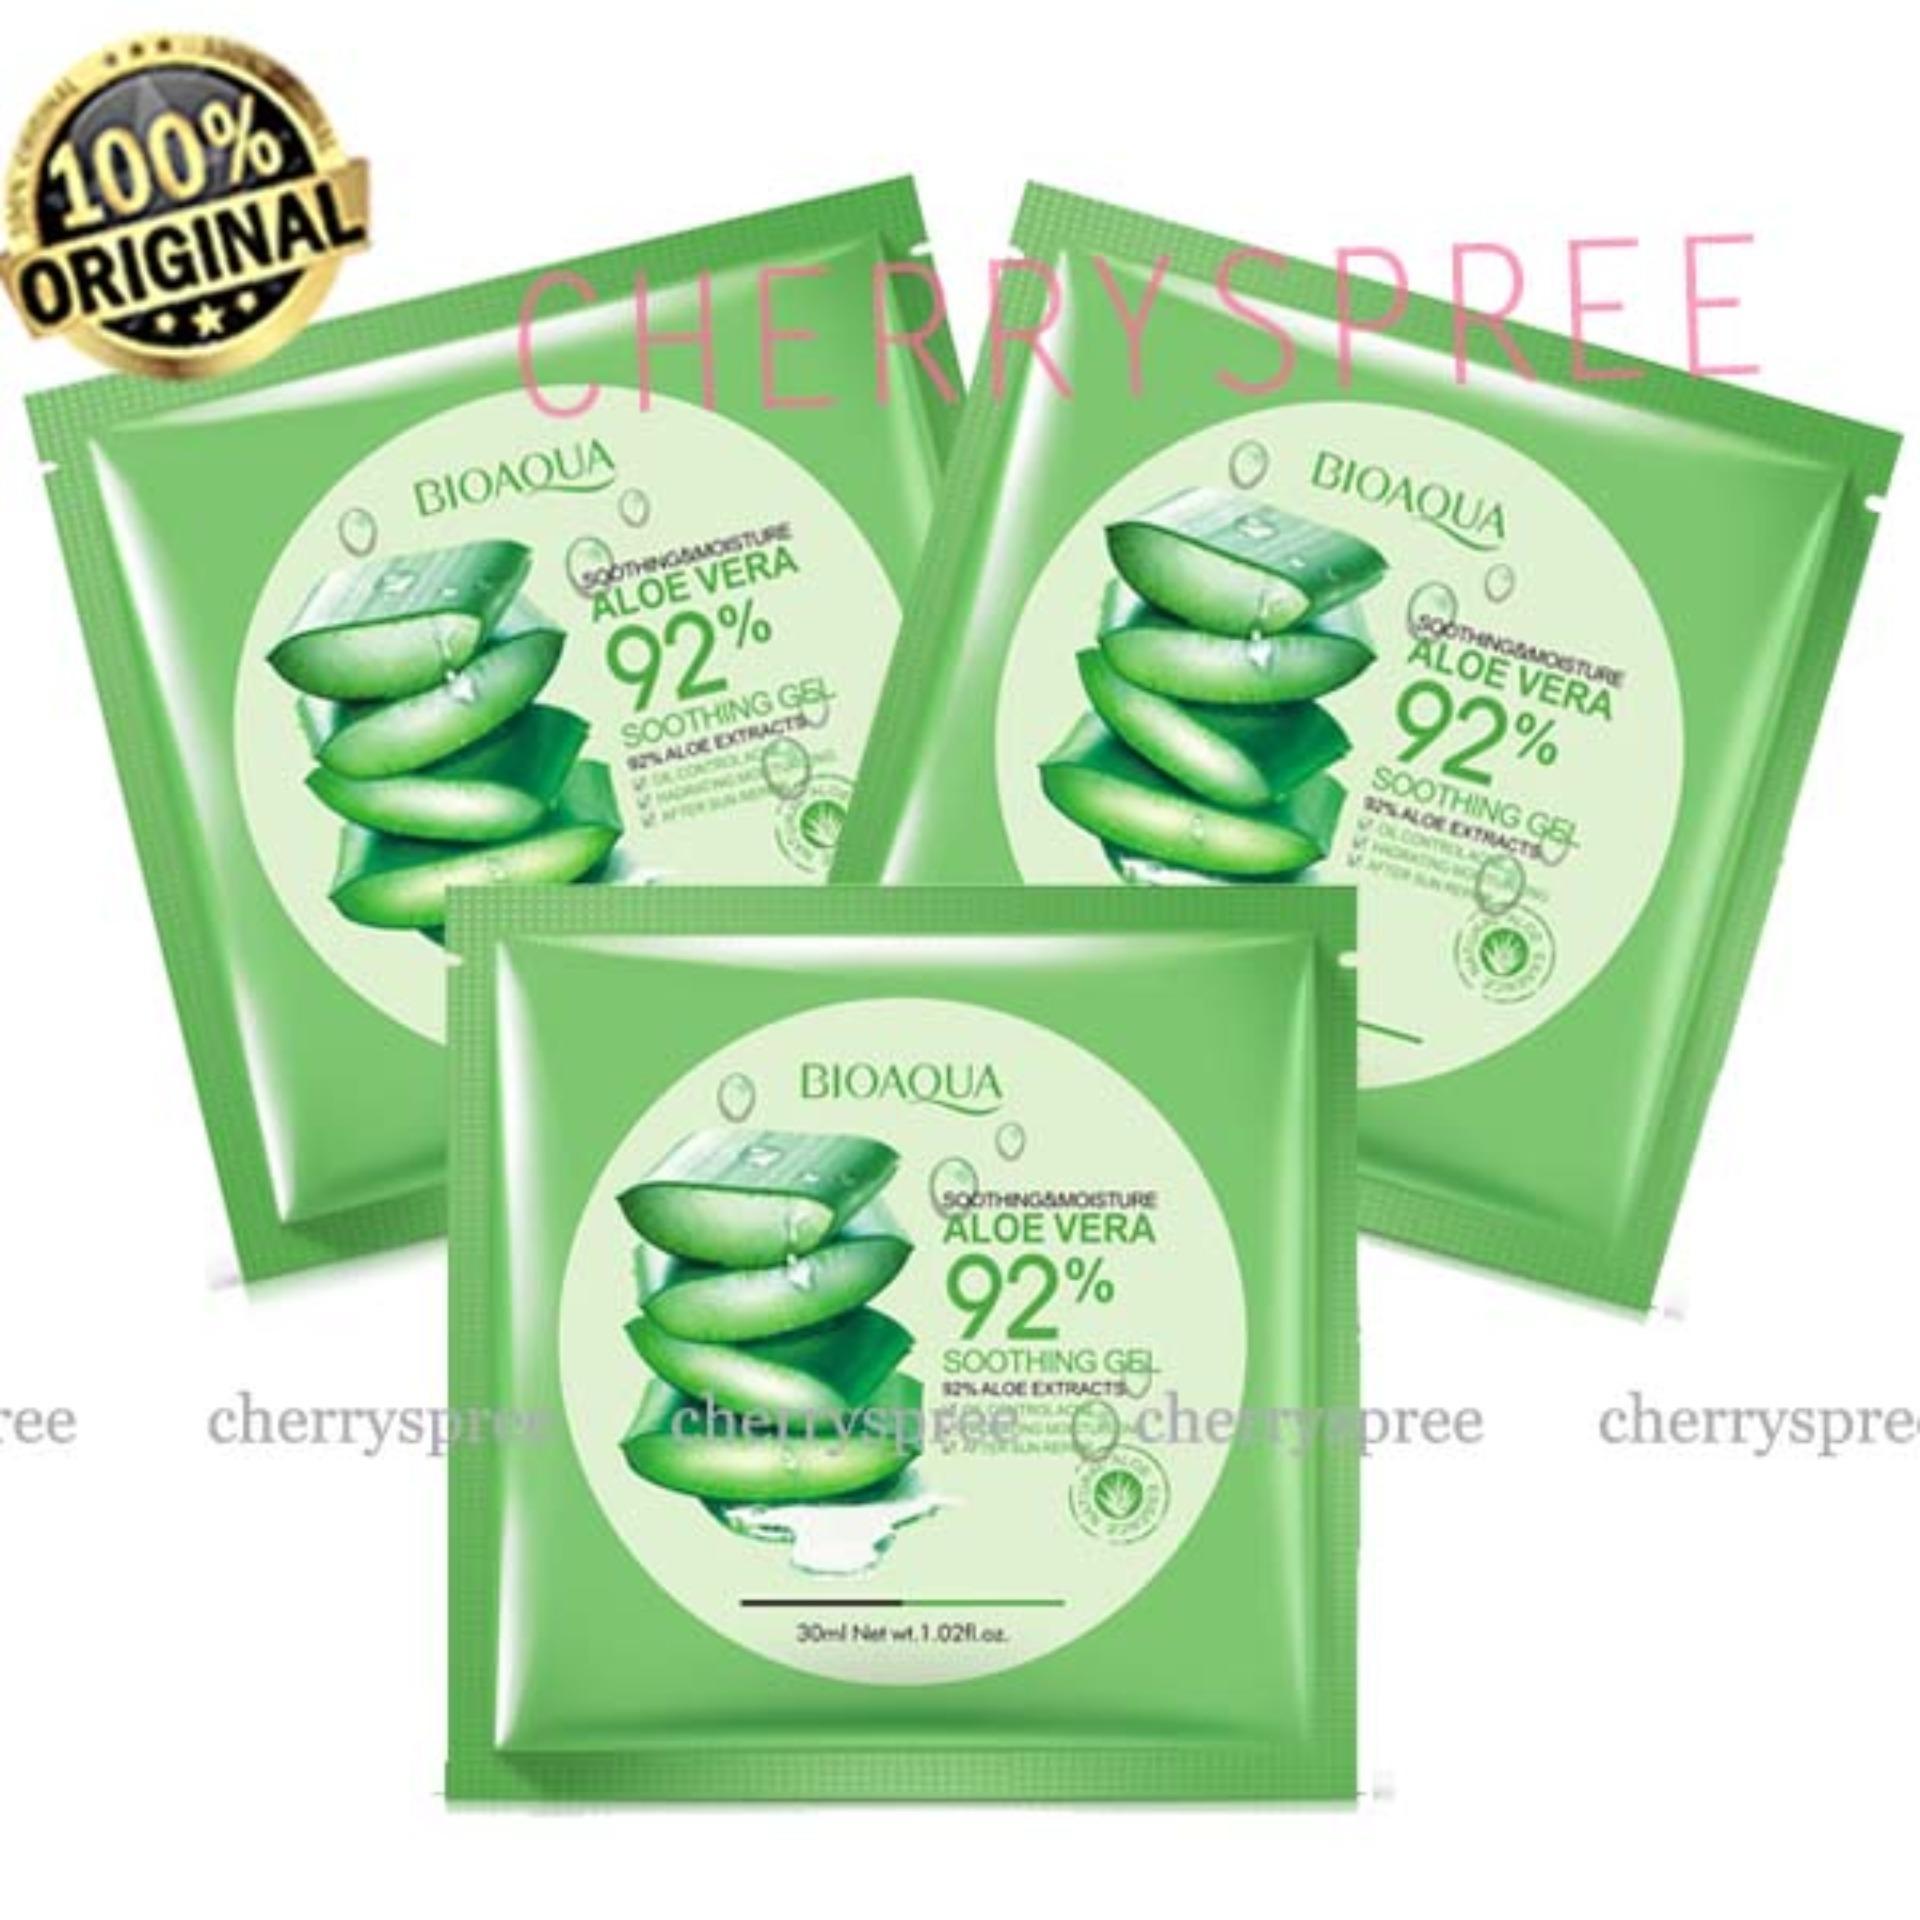 Harga Diskon Paket 3pcs Bioaqua Sheet Mask 92 Aloevera Masker Wajah Rorec Aloe Vera Whitening Melembabkan 30ml